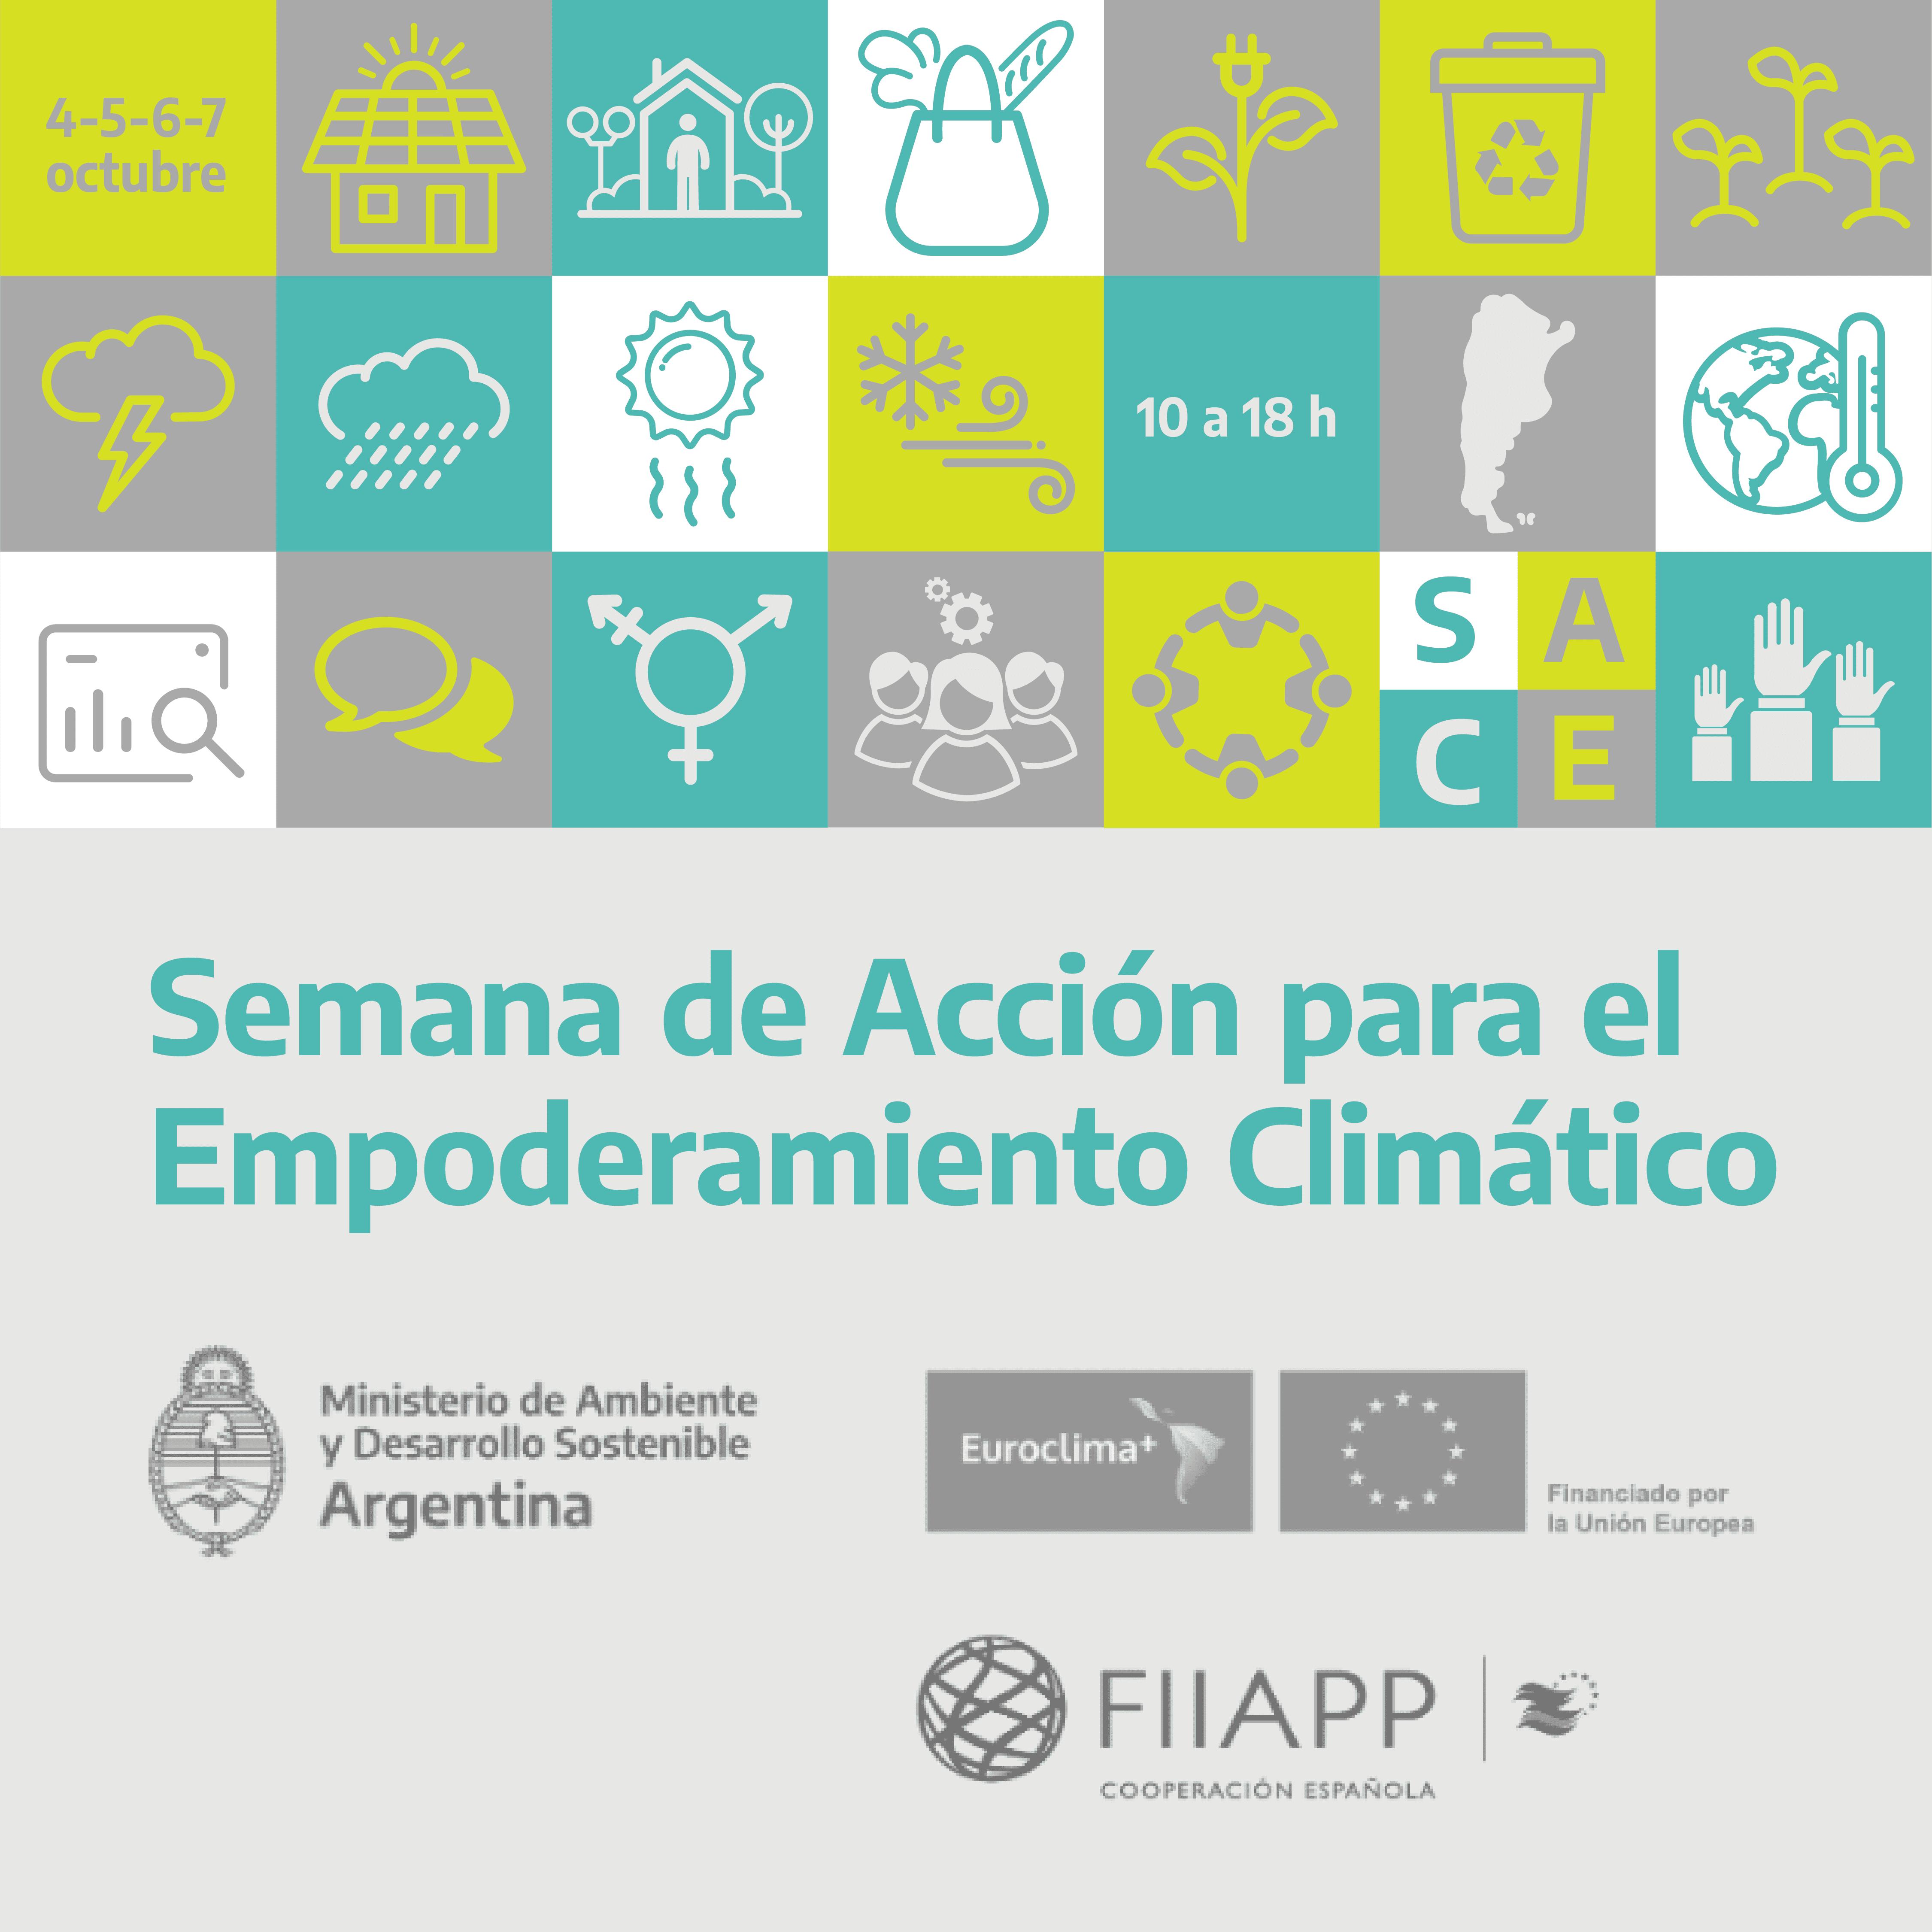 Programa Semana de Acción para el Empoderamiento Climático